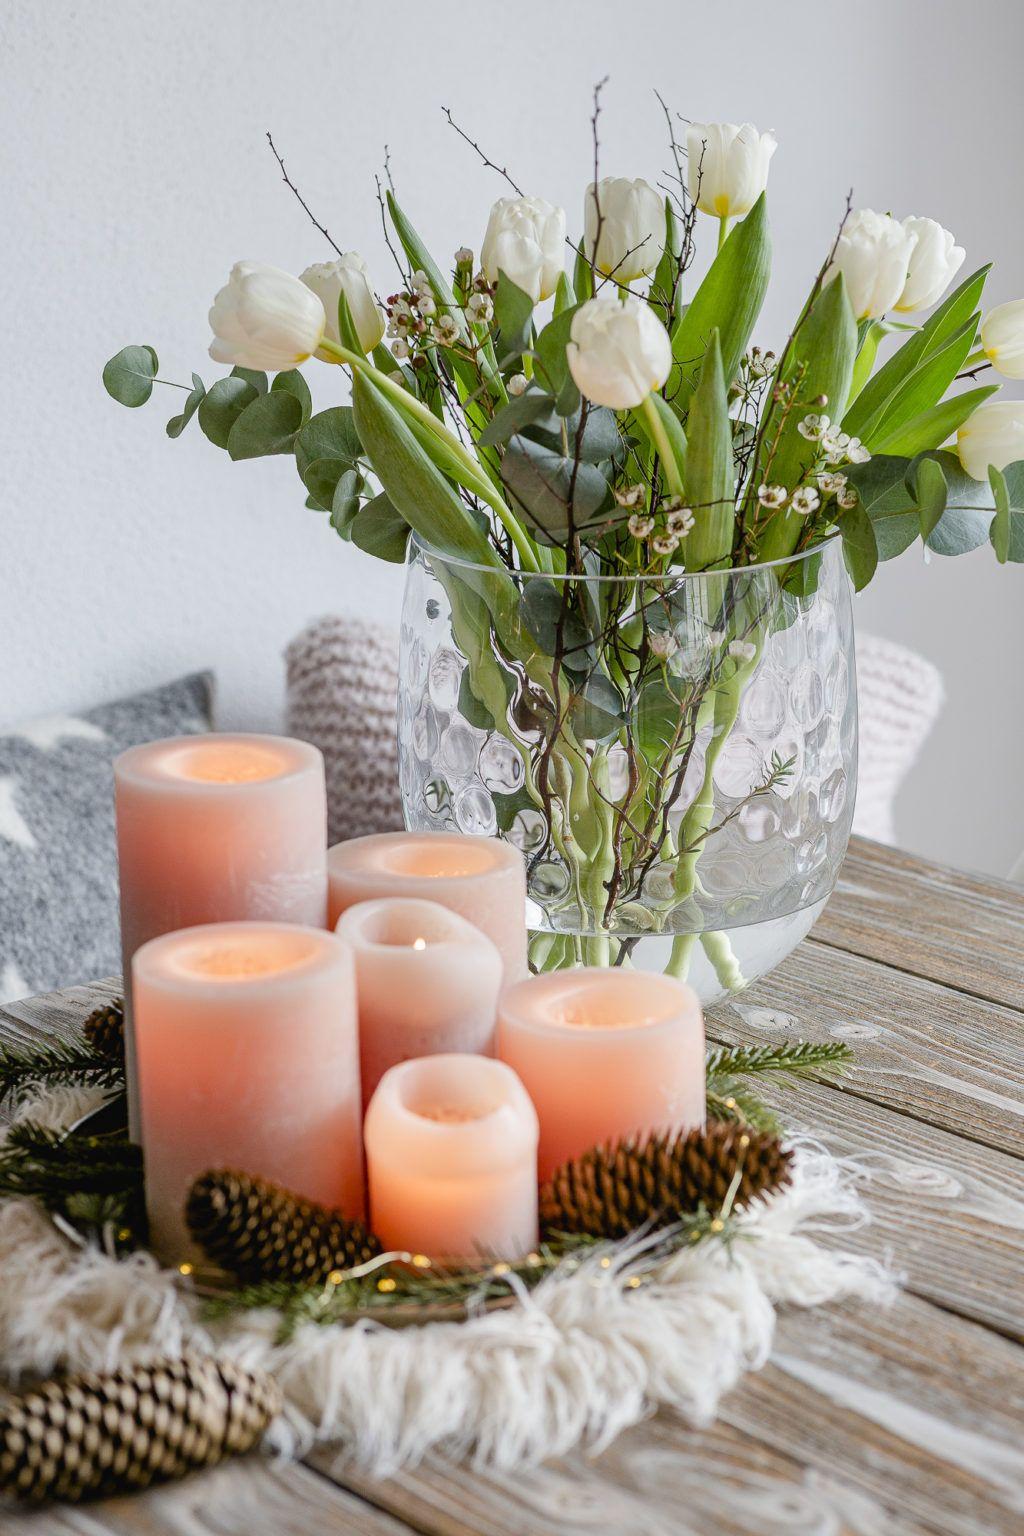 Winterdeko oder die plötzliche Leere nach Weihnachten • Pomponetti